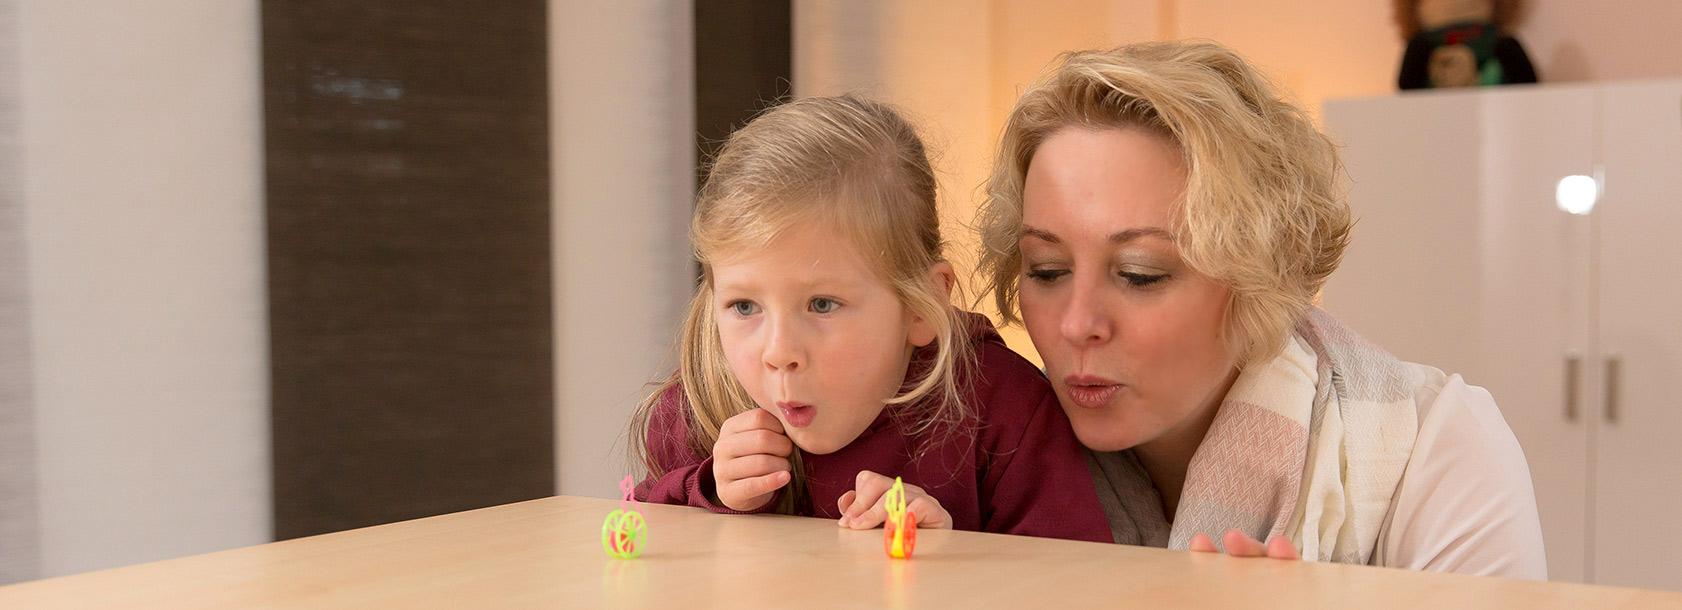 Therapeutin Frauke Jopp bei einer Übung mit einem Kind in der Praxis für Logopädie in Greven und Münster